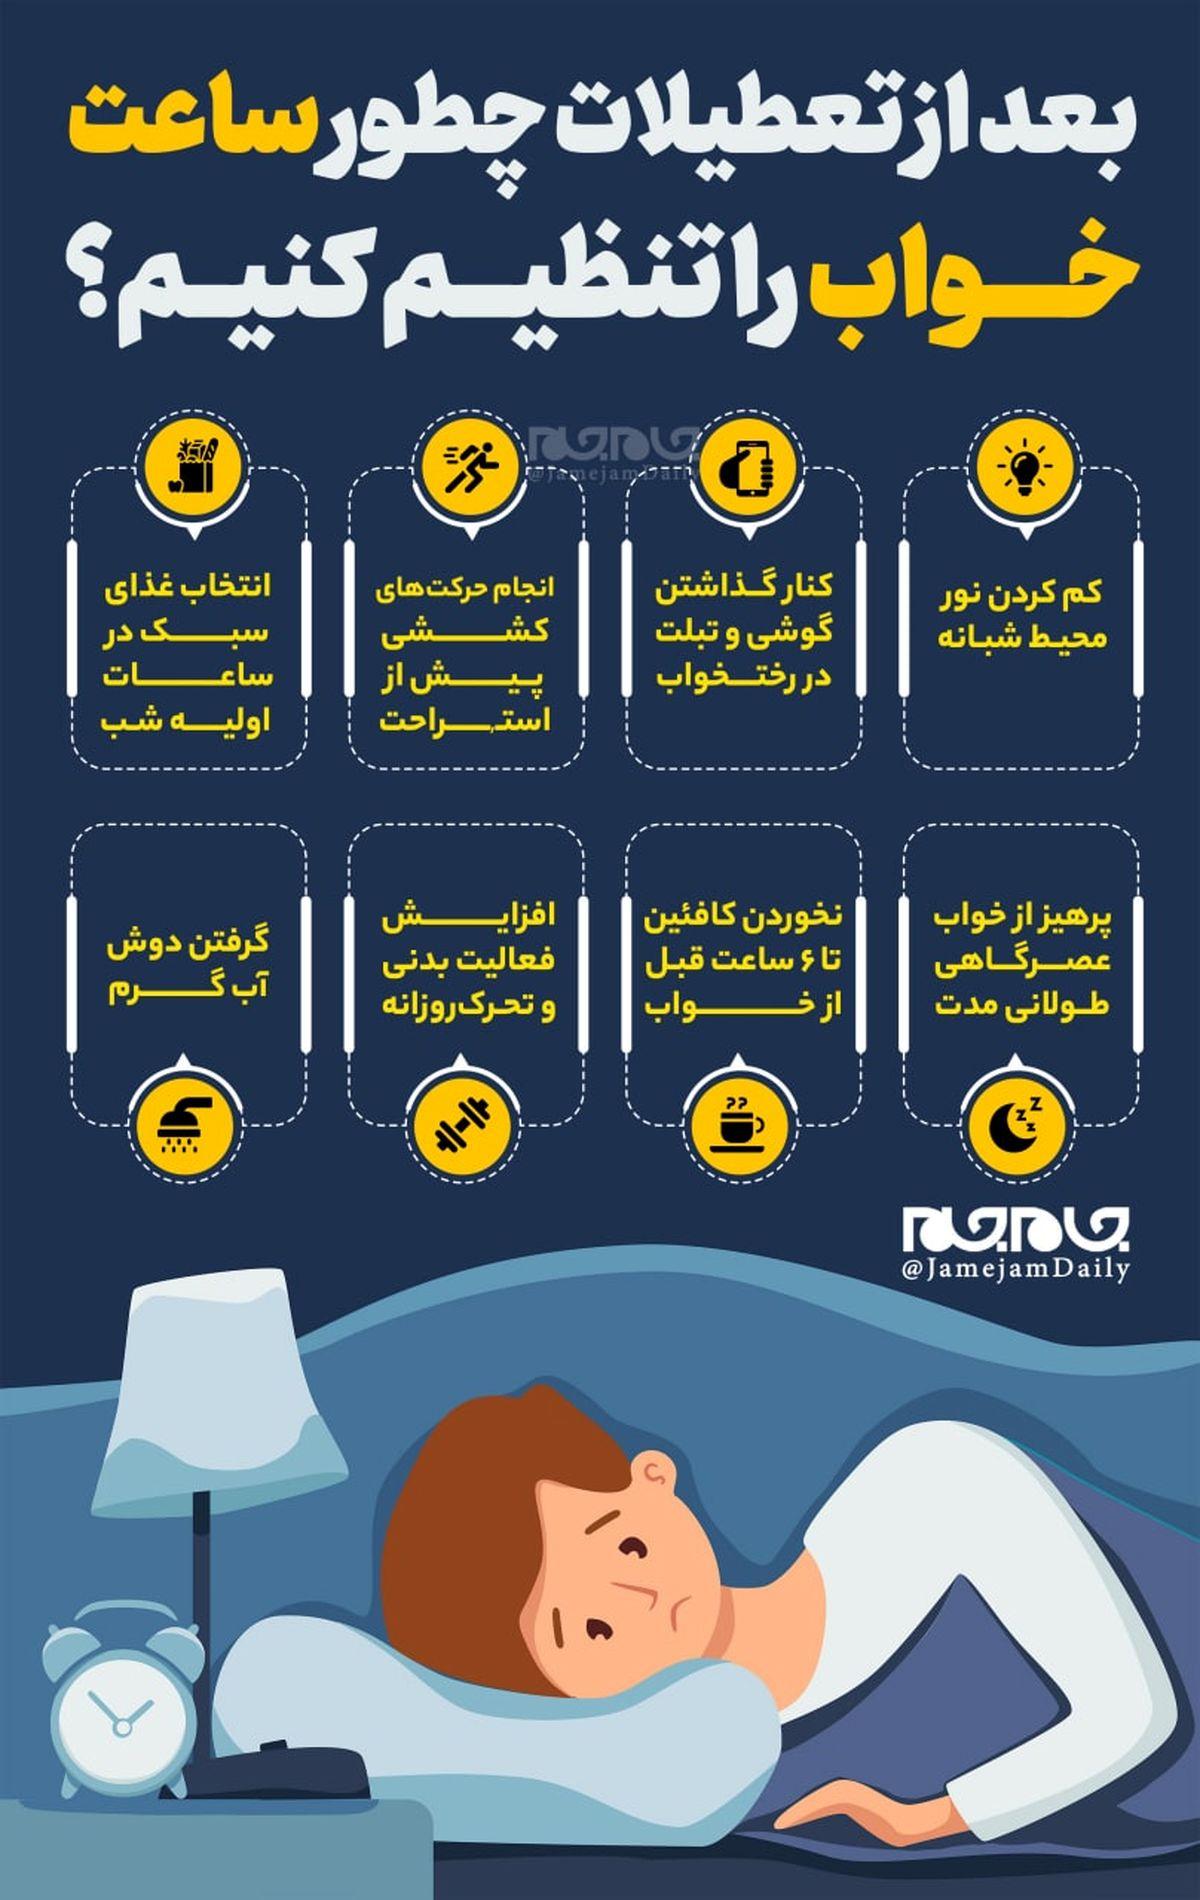 چطور ساعت خواب خود را تنظیم کنیم ؟+اینفوگرافیک